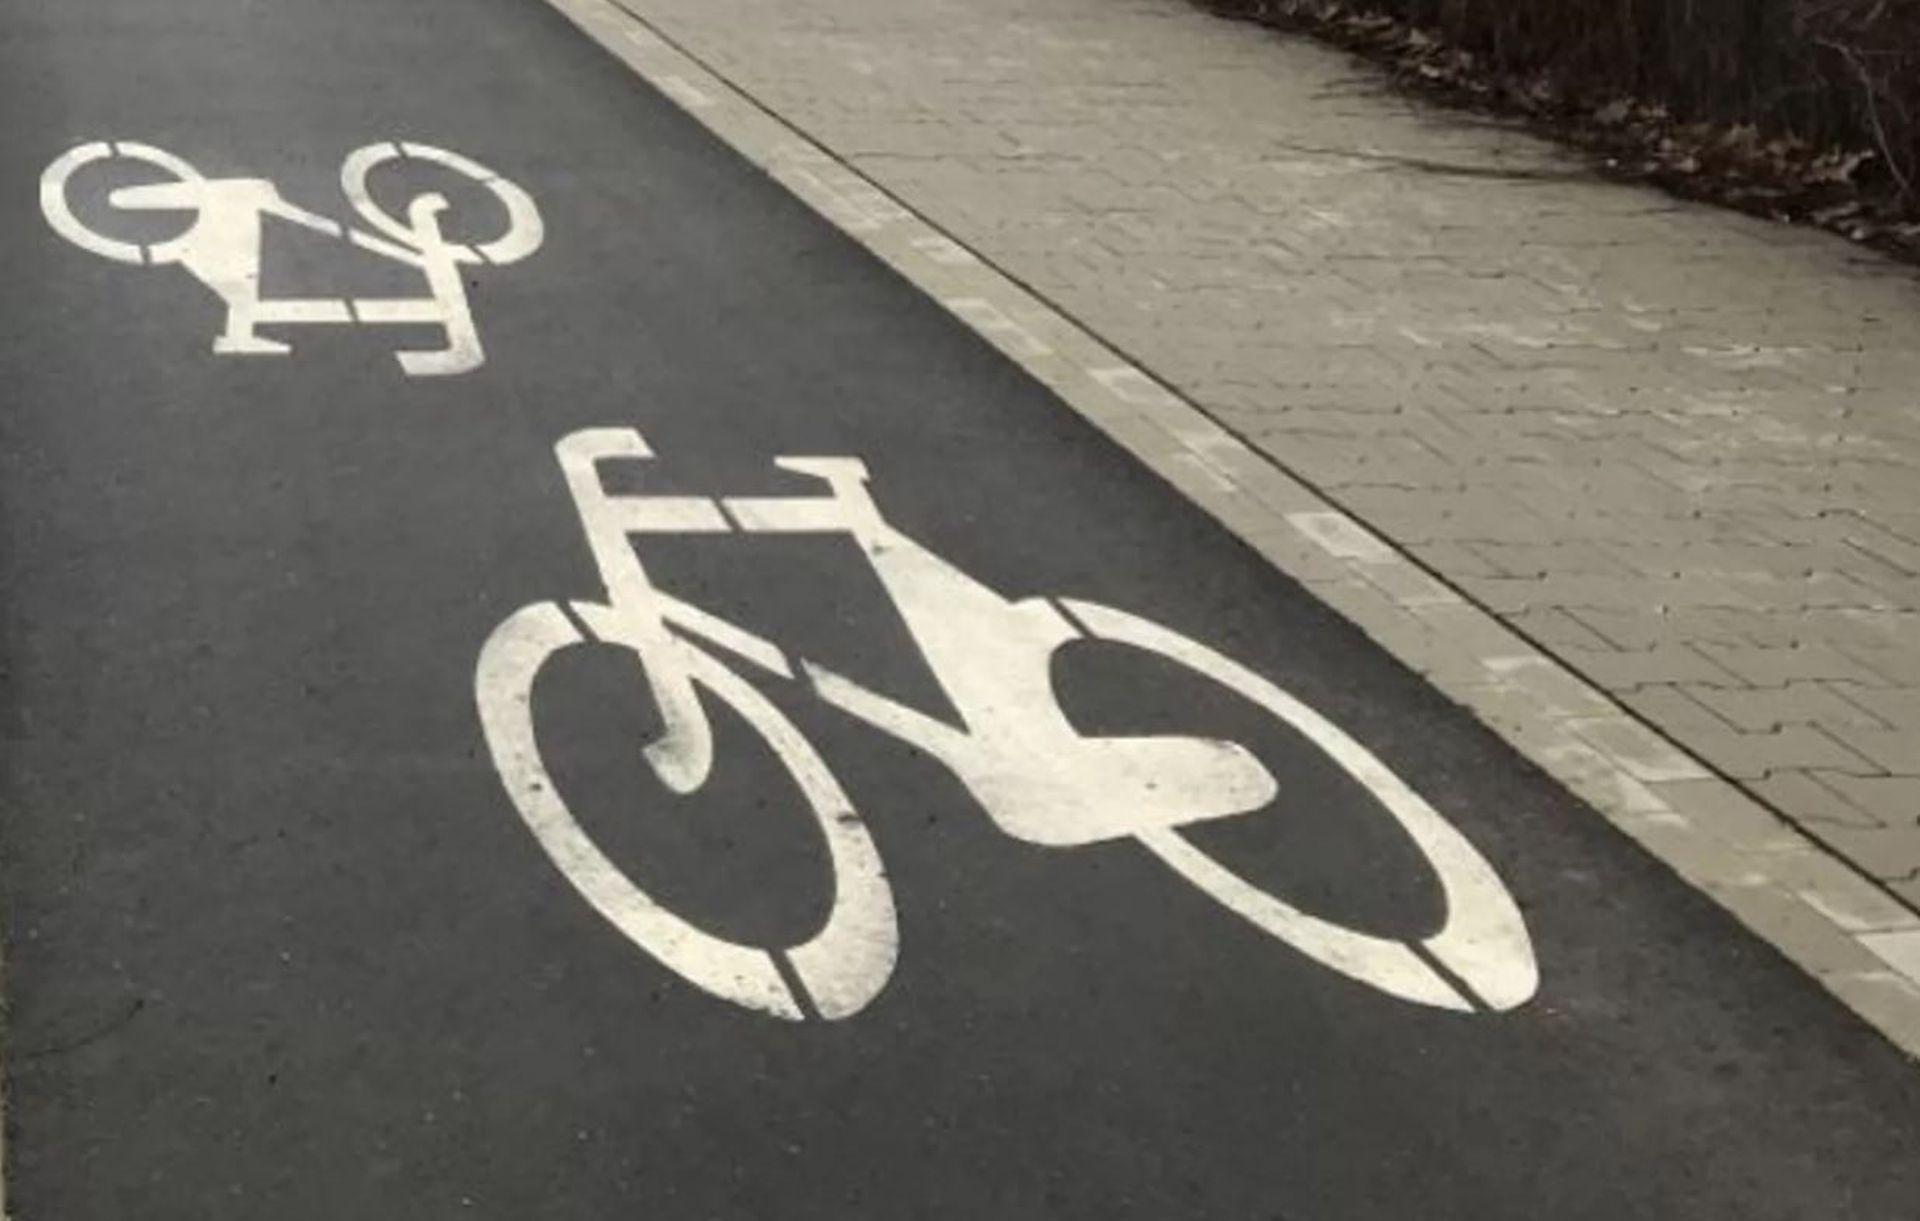 Wrocław: Miasto ogłosiło nowy przetarg na budowę ścieżki rowerowej na ulicy Hubskiej